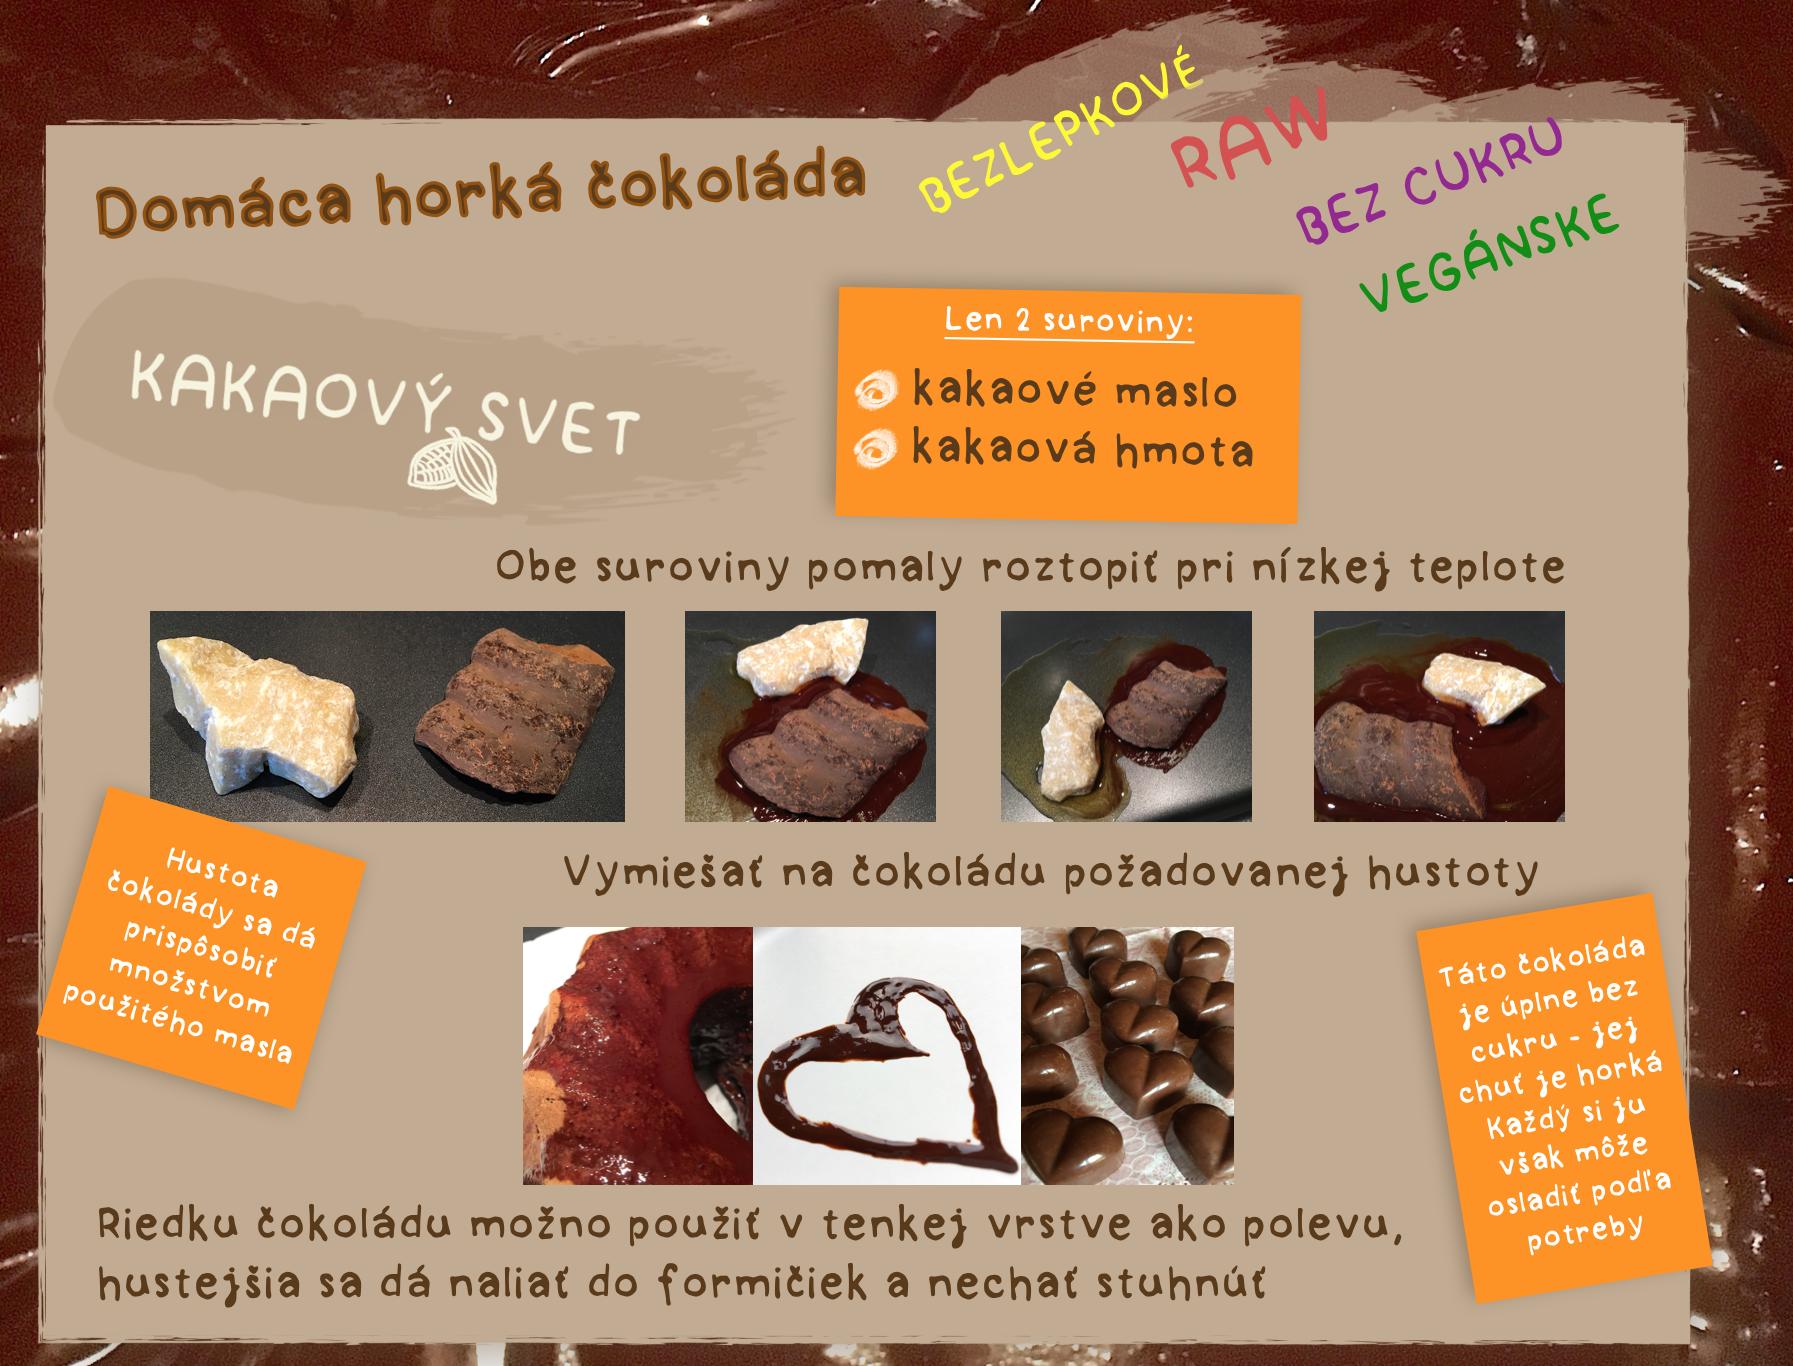 Domáca horká čokoláda